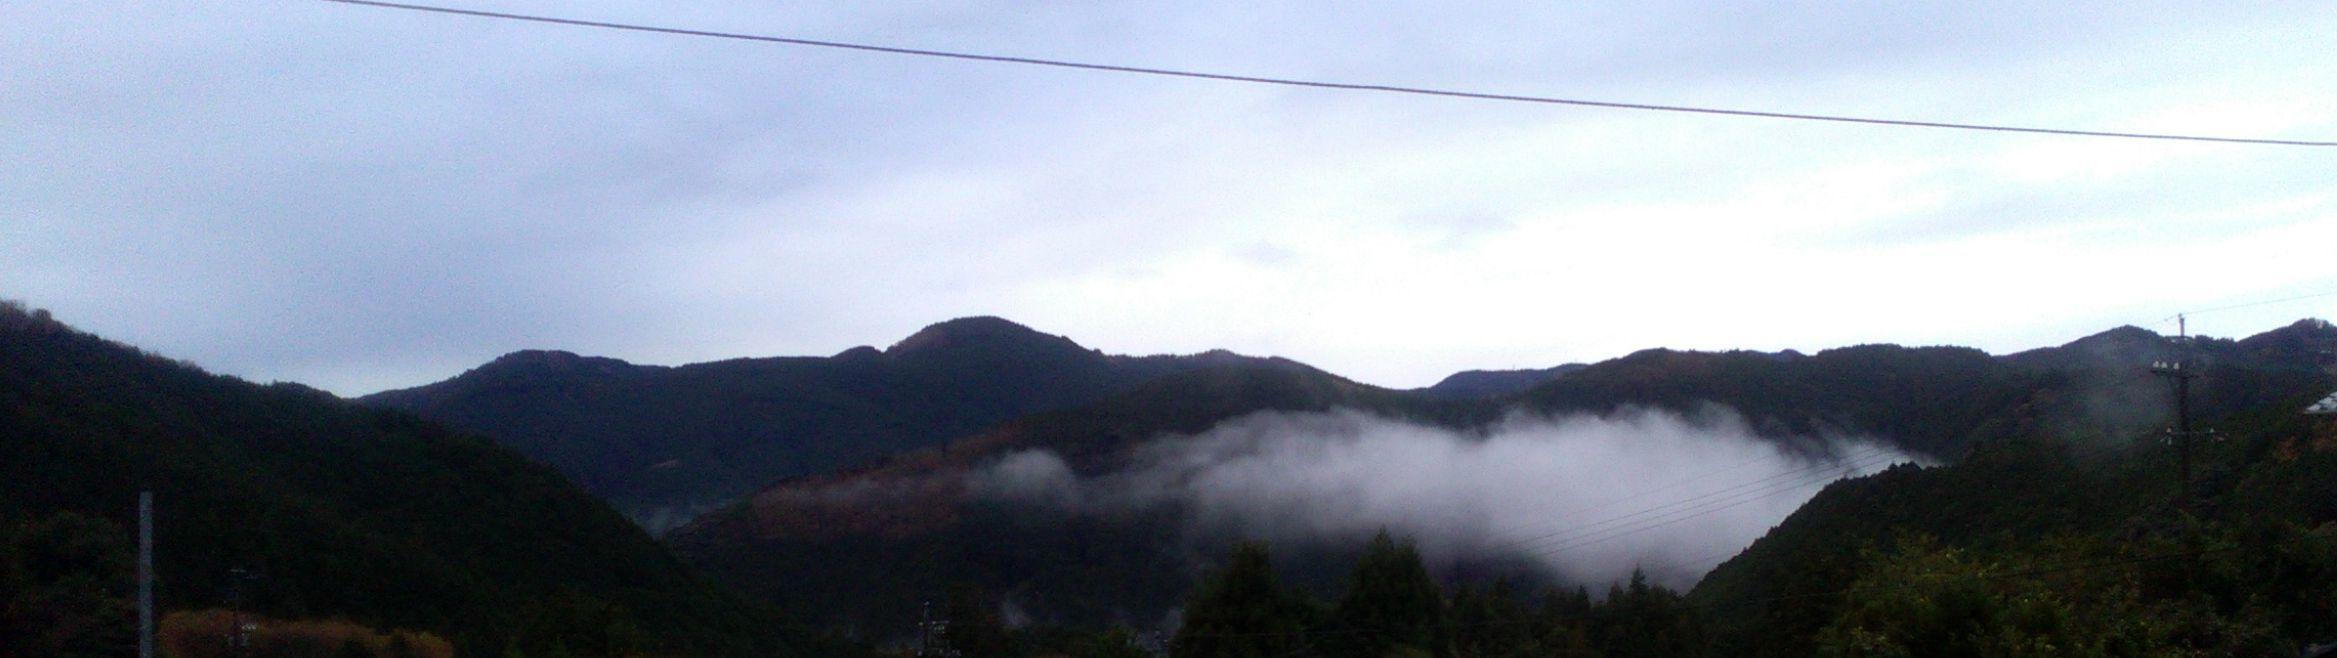 雲 12.17